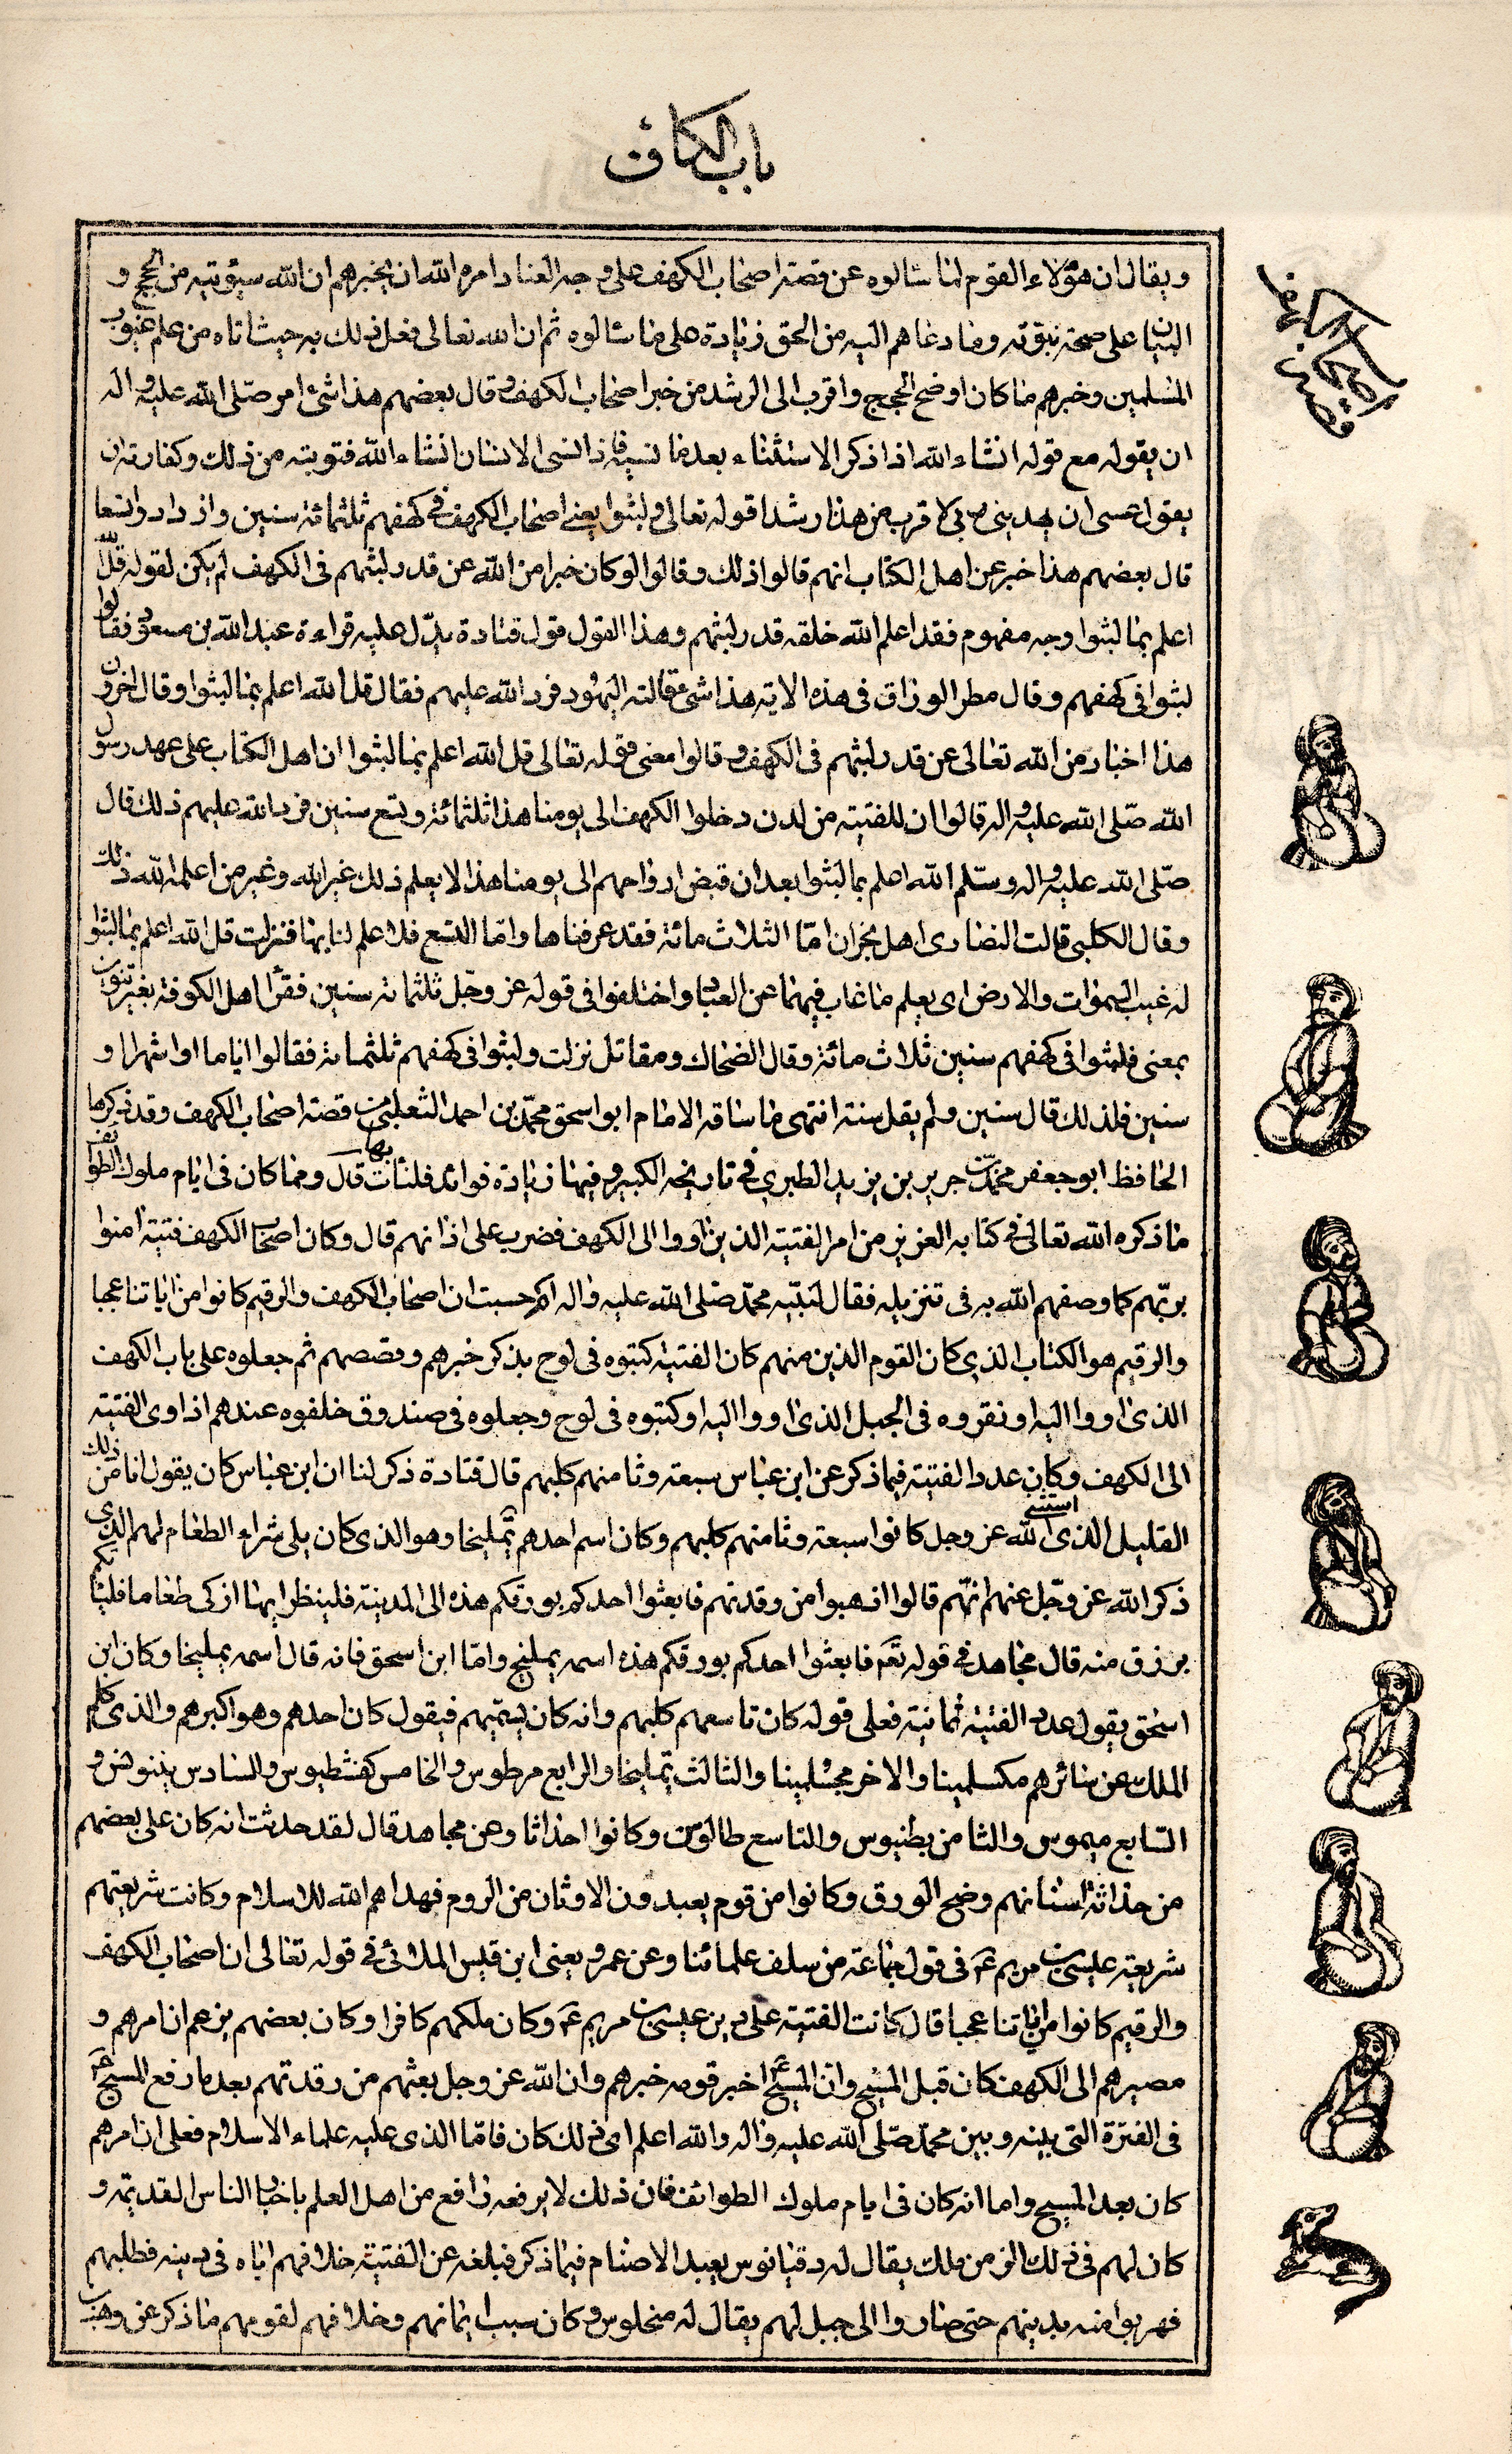 """Demîrî'nin Hayatü'l-Hayavân'ında """"Kıssa-i Ashâbü'l-Kehf"""" bölümü ve derkenarda yedi uyurlar ile en aşağıda Kıtmîr'in fevkalâde şirin resimleri. (Kemâleddîn Muhammed ibn Mûsâ ed-Demîrî, Hayâtü'l-hayavâni'l-kübrâ [(Kahire): Şeriketu Mektubeti ve Matba'ati Mustafâ el-Bârî el-Halebî ve Evlâdih, 1376].)"""